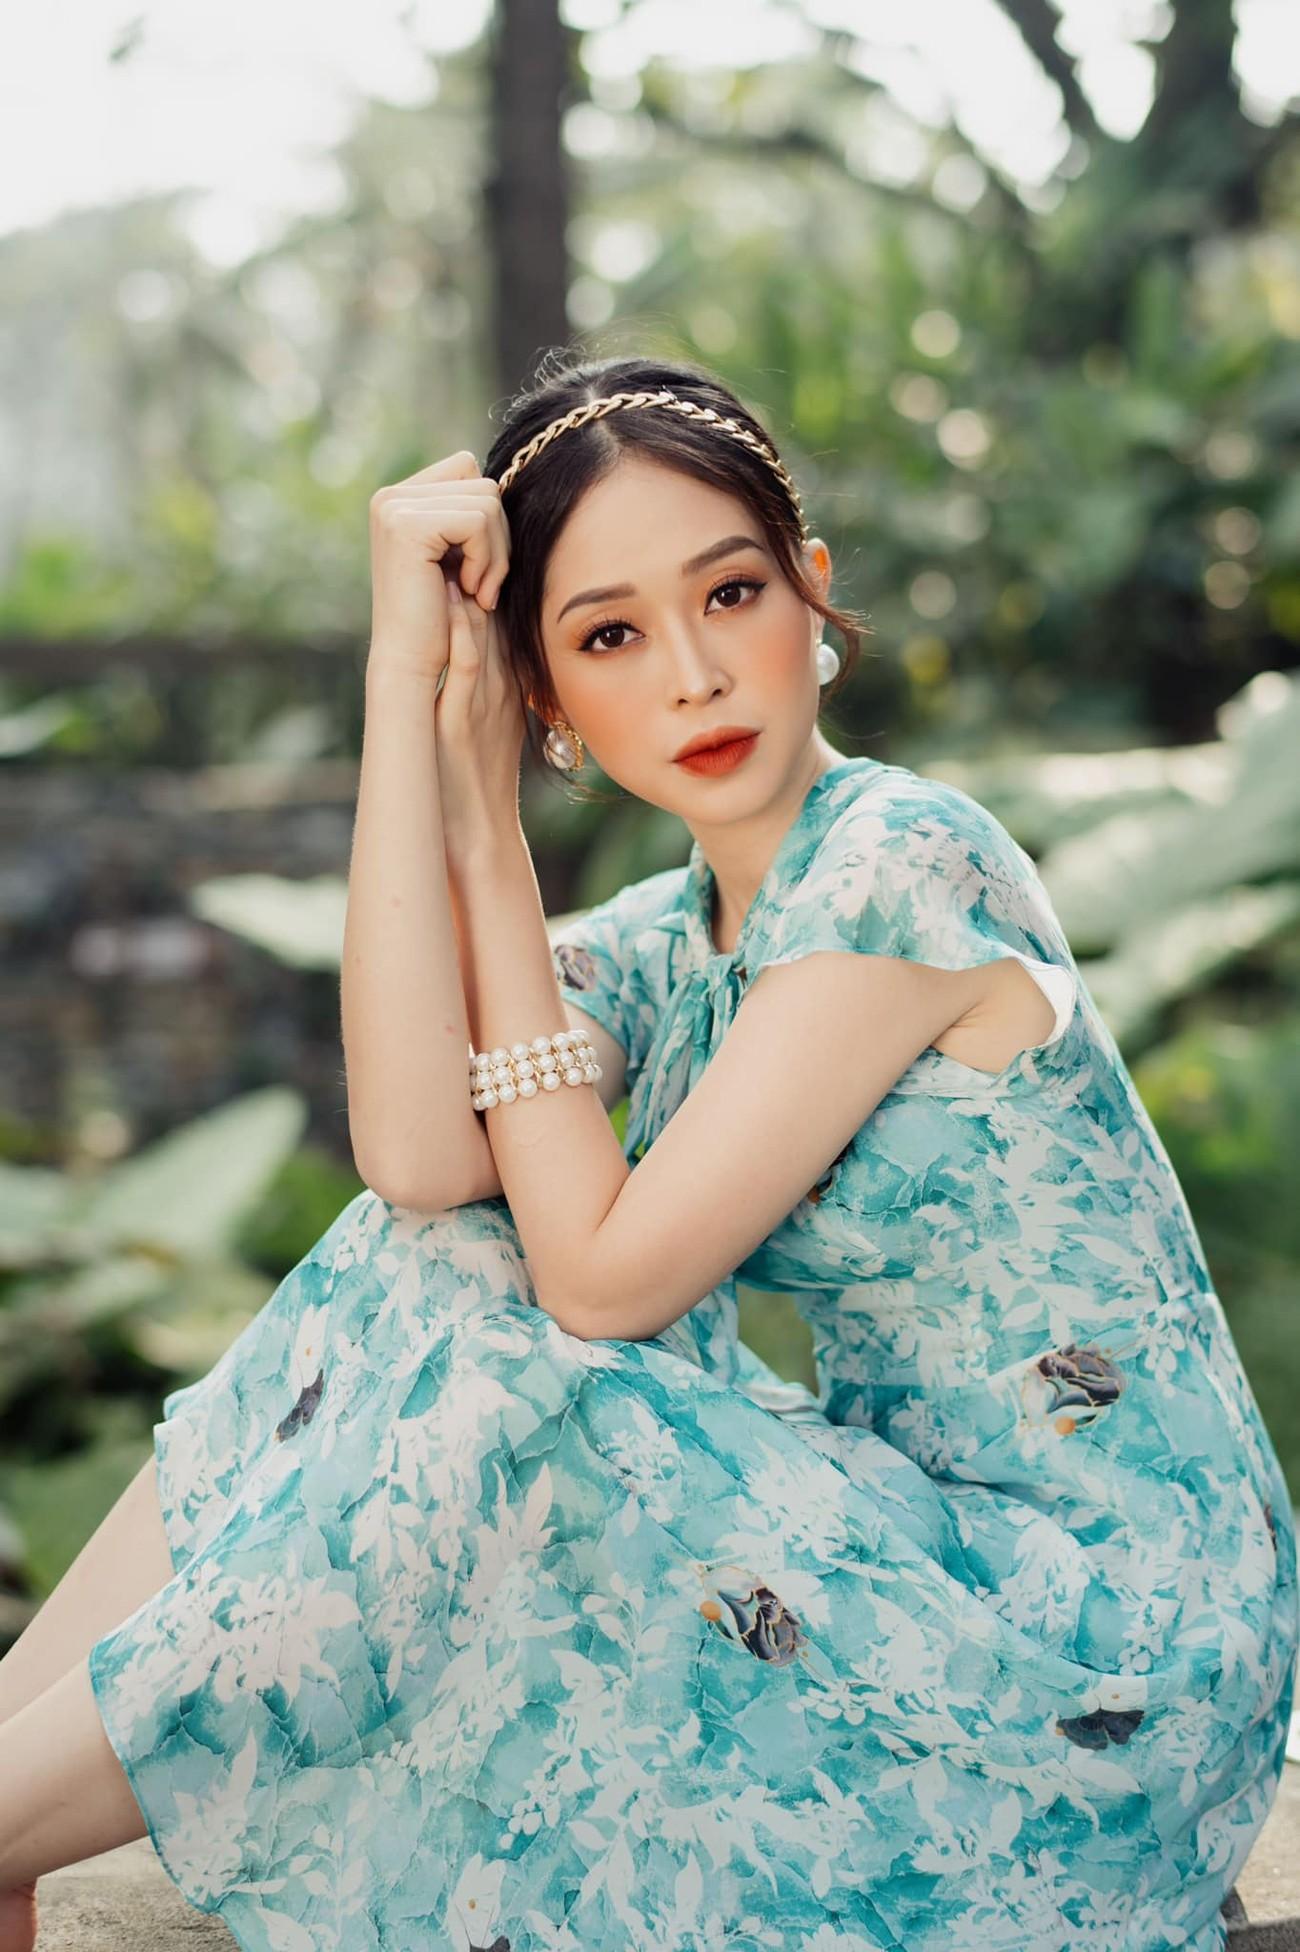 Á hậu Phương Anh đẹp tựa nàng thơ, Ngọc Thảo lên đồ sang chảnh uống cafe trong khu cách ly ảnh 14